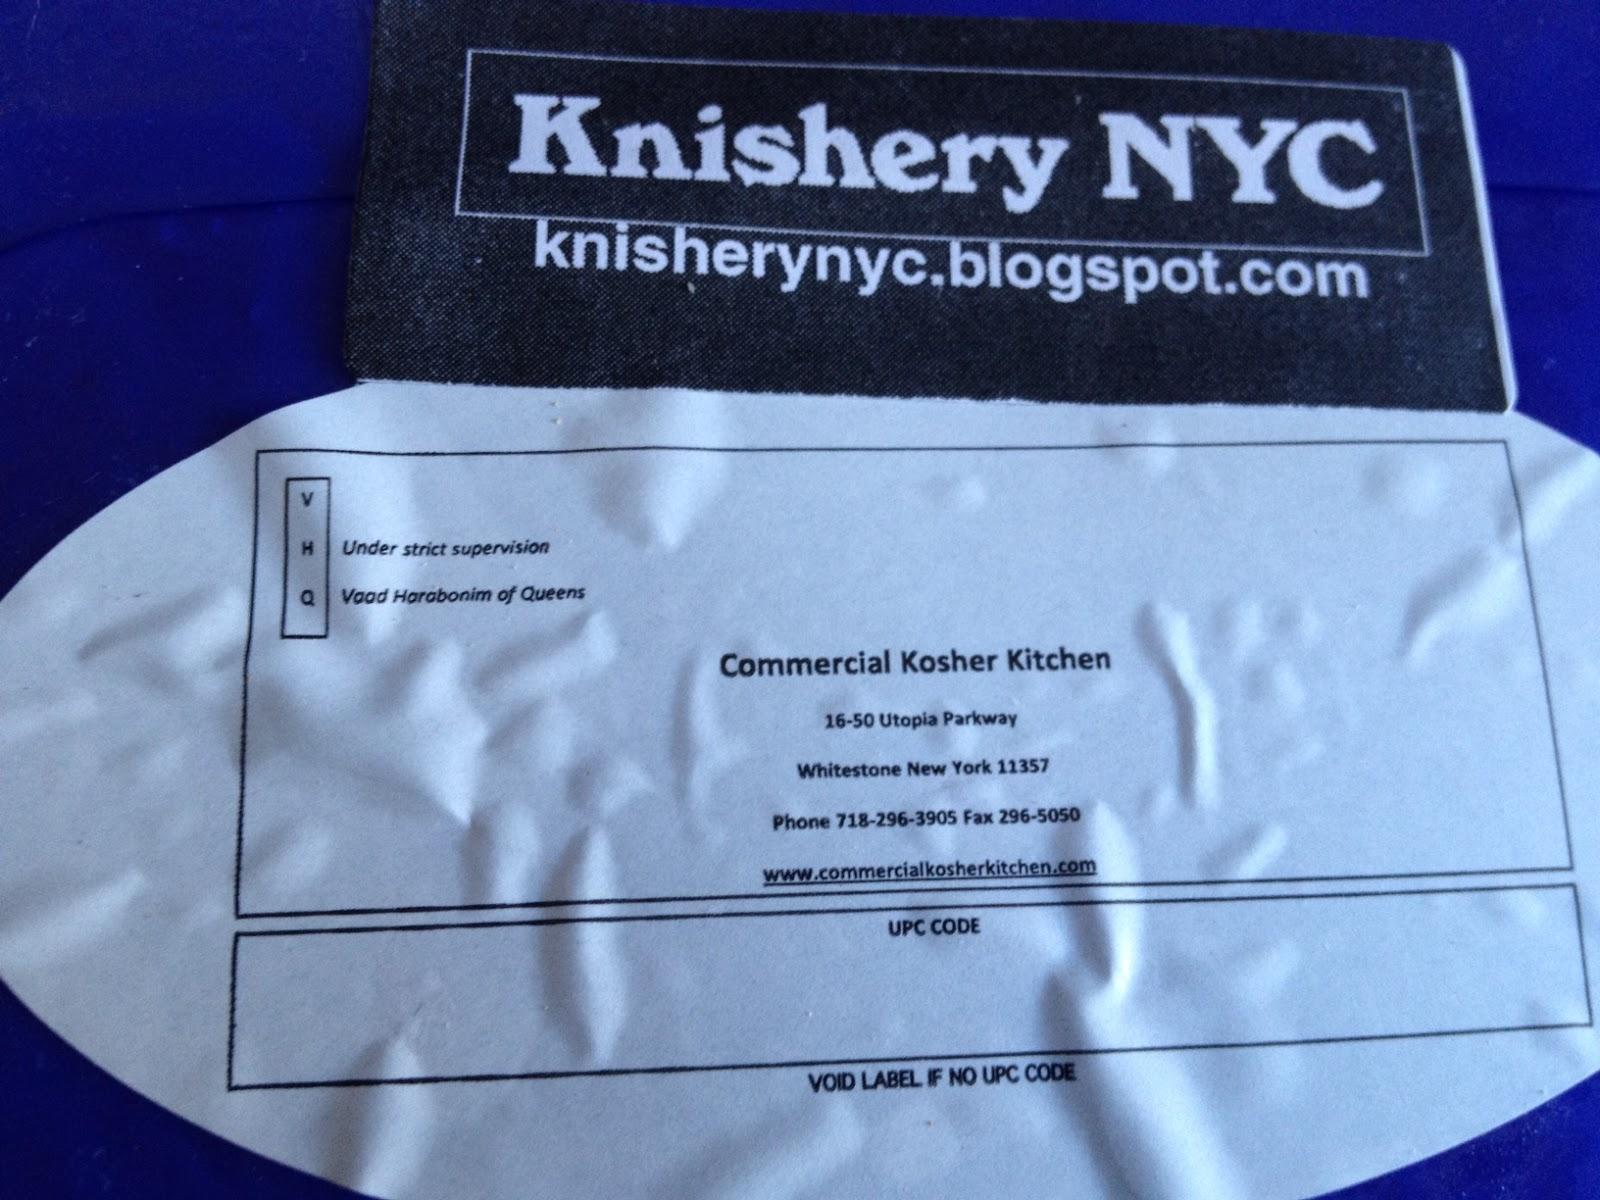 Knishery NYC: 2012